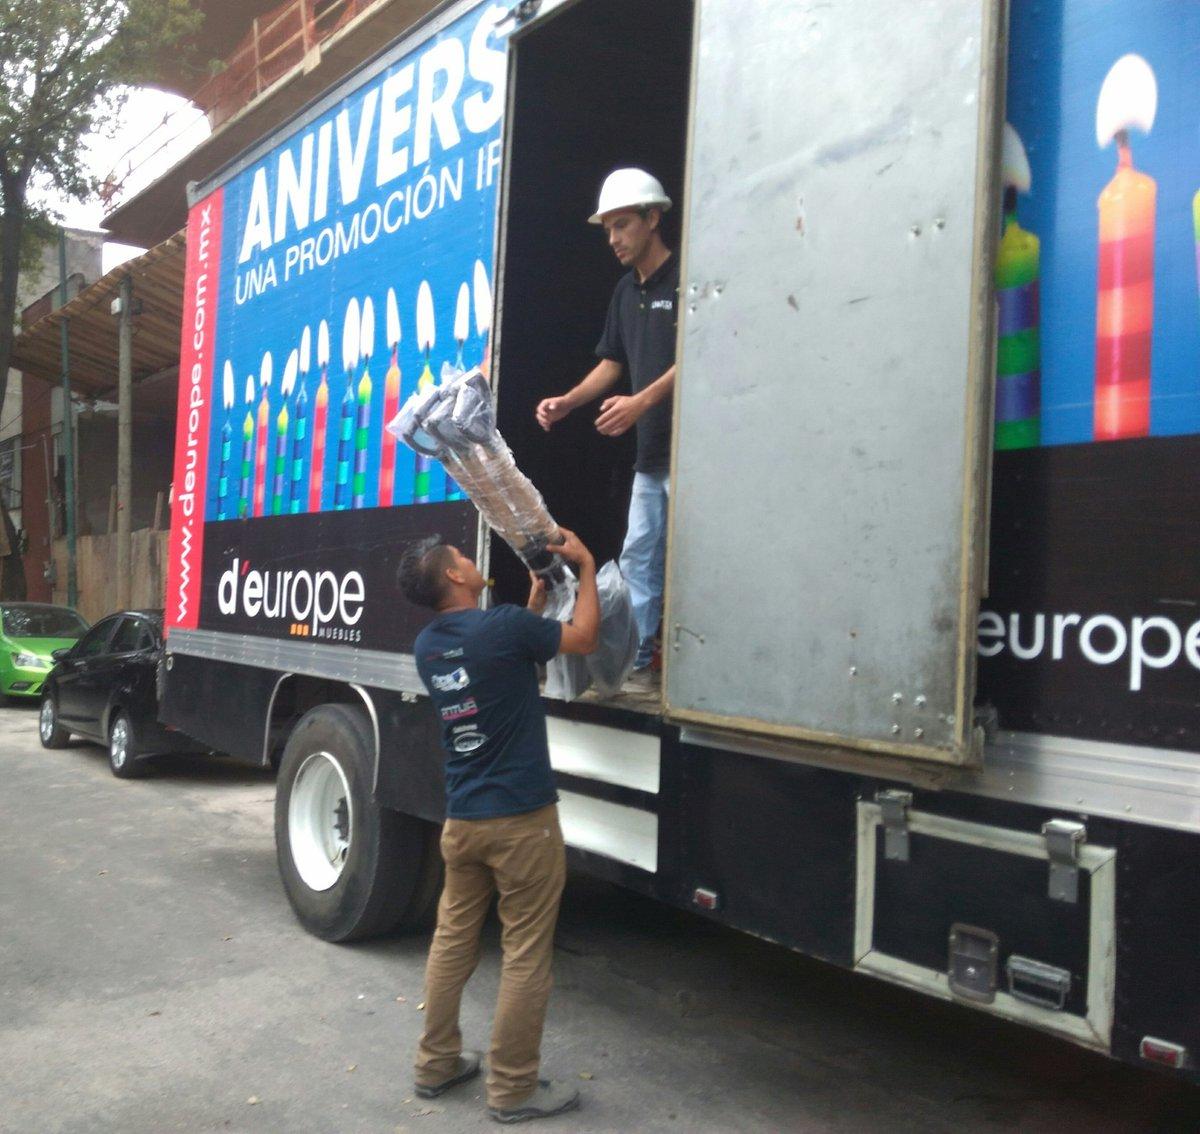 D Europe Muebles On Twitter Ya Estamos En Camino Fuerzamexico  # Muebles Deurope